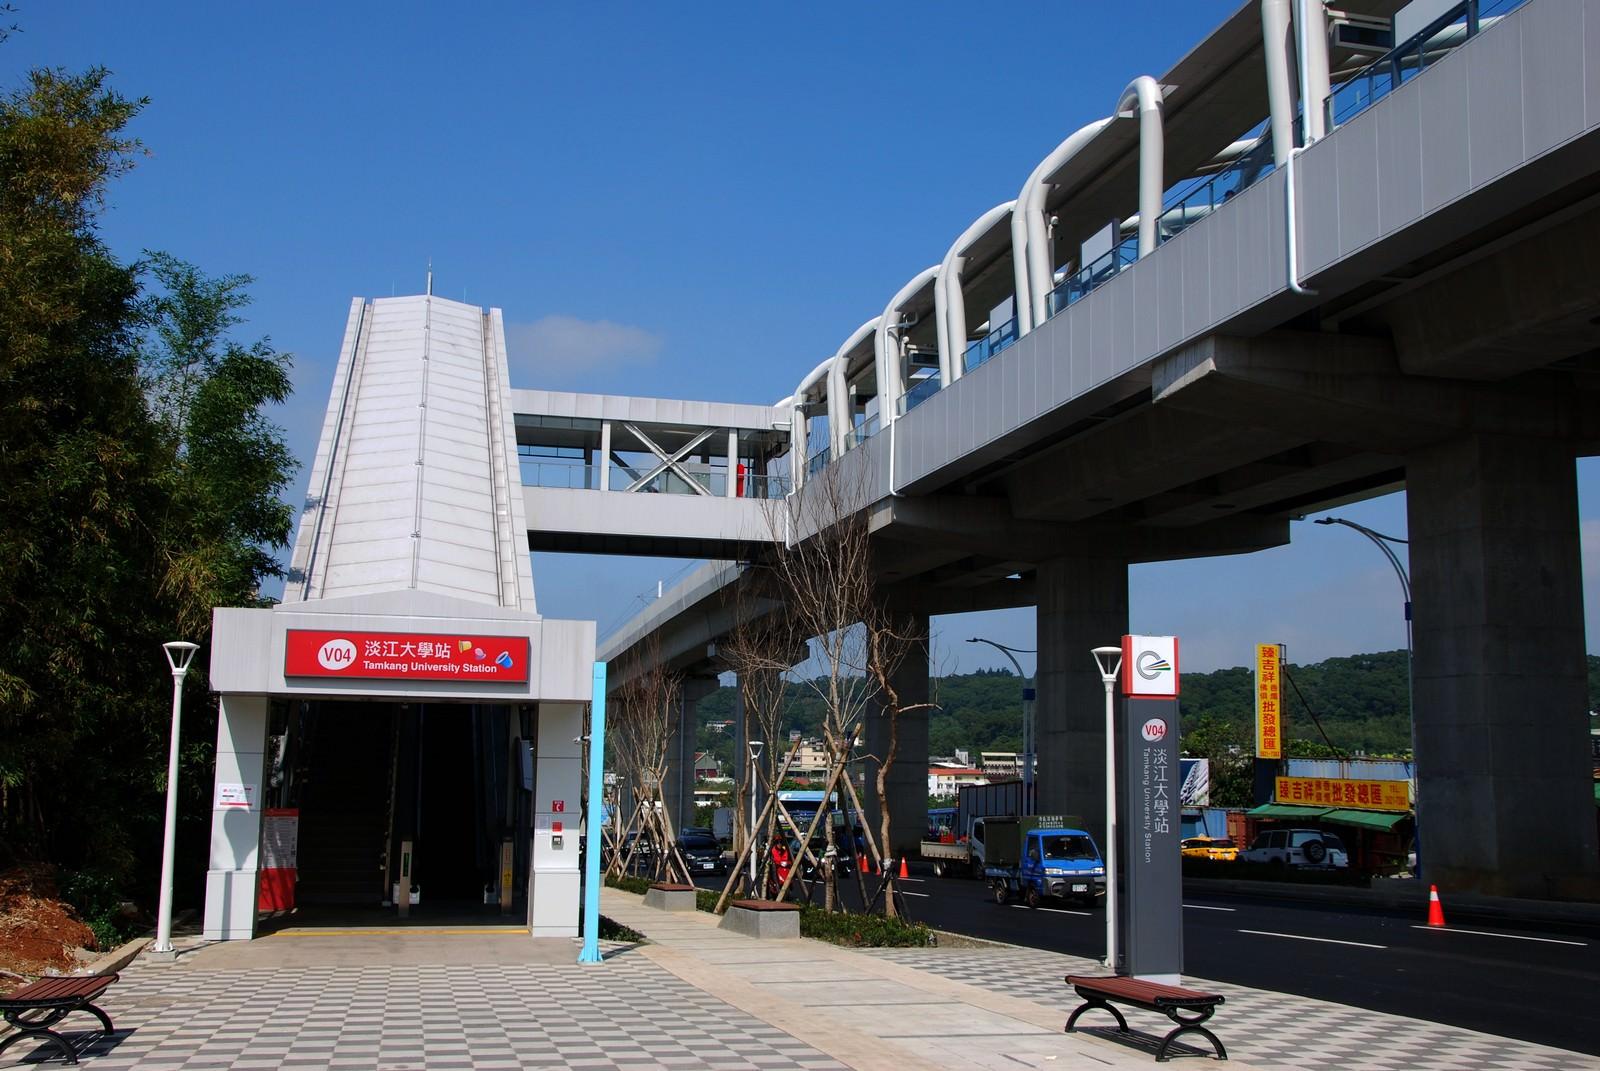 淡海輕軌綠山線, 輕軌淡江大學站, 車站建築主體